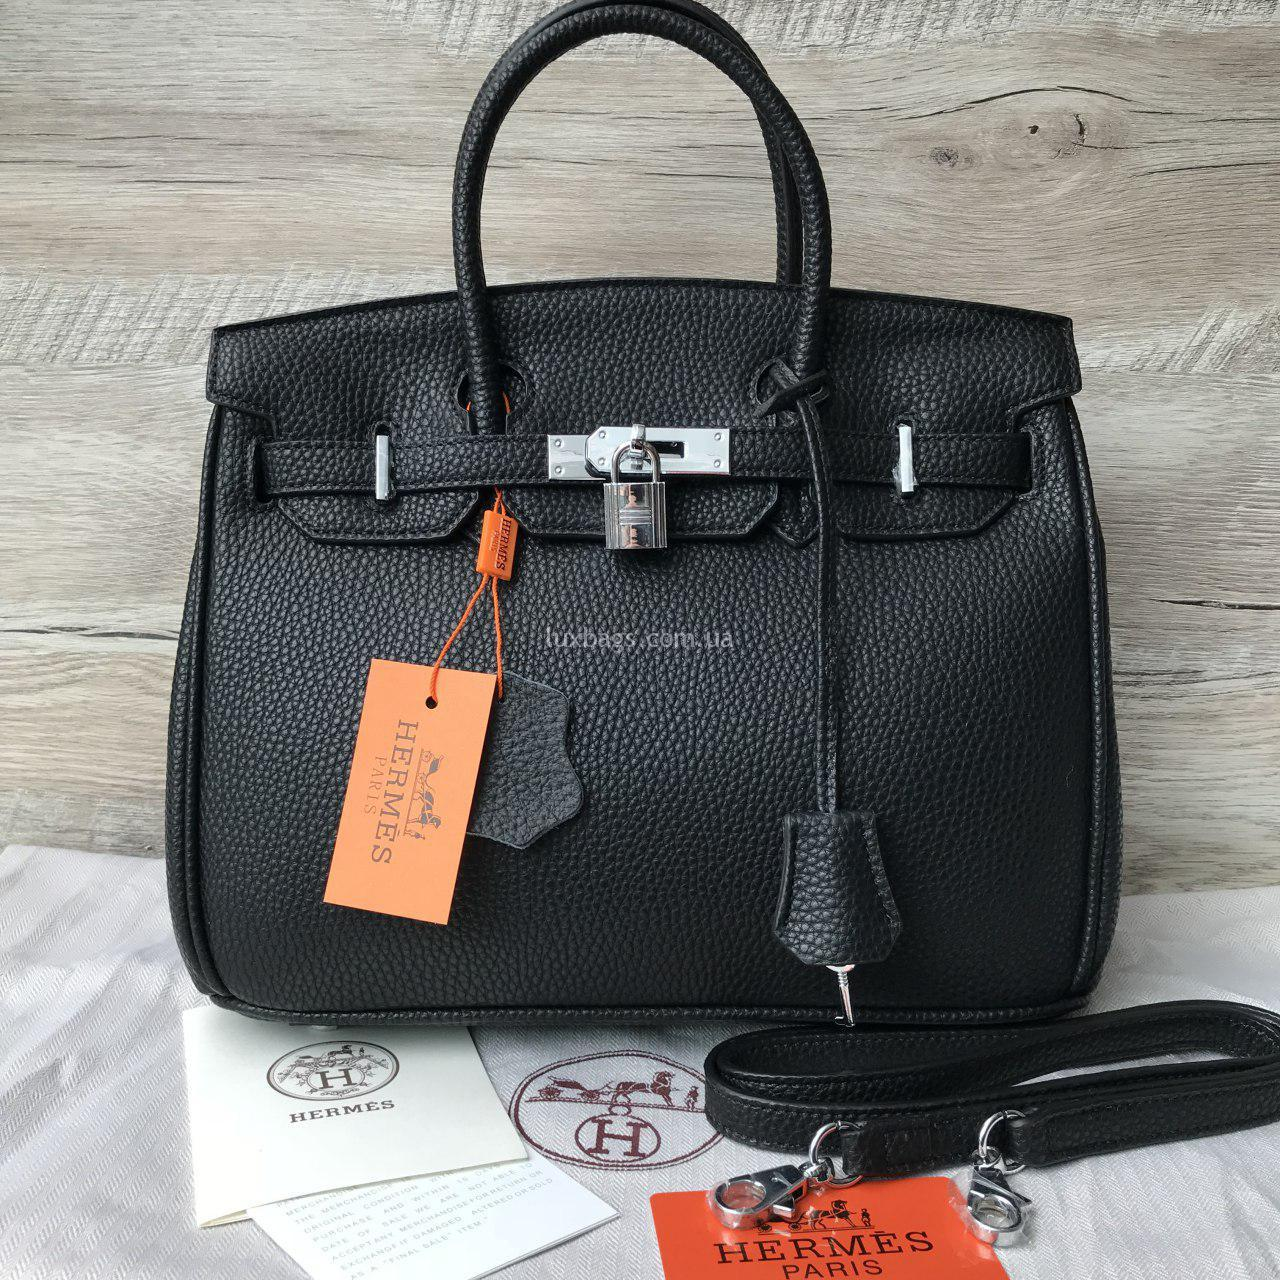 bebc553fe18e Женская сумка Hermes Birkin 30 см | Женские Сумки Гермес